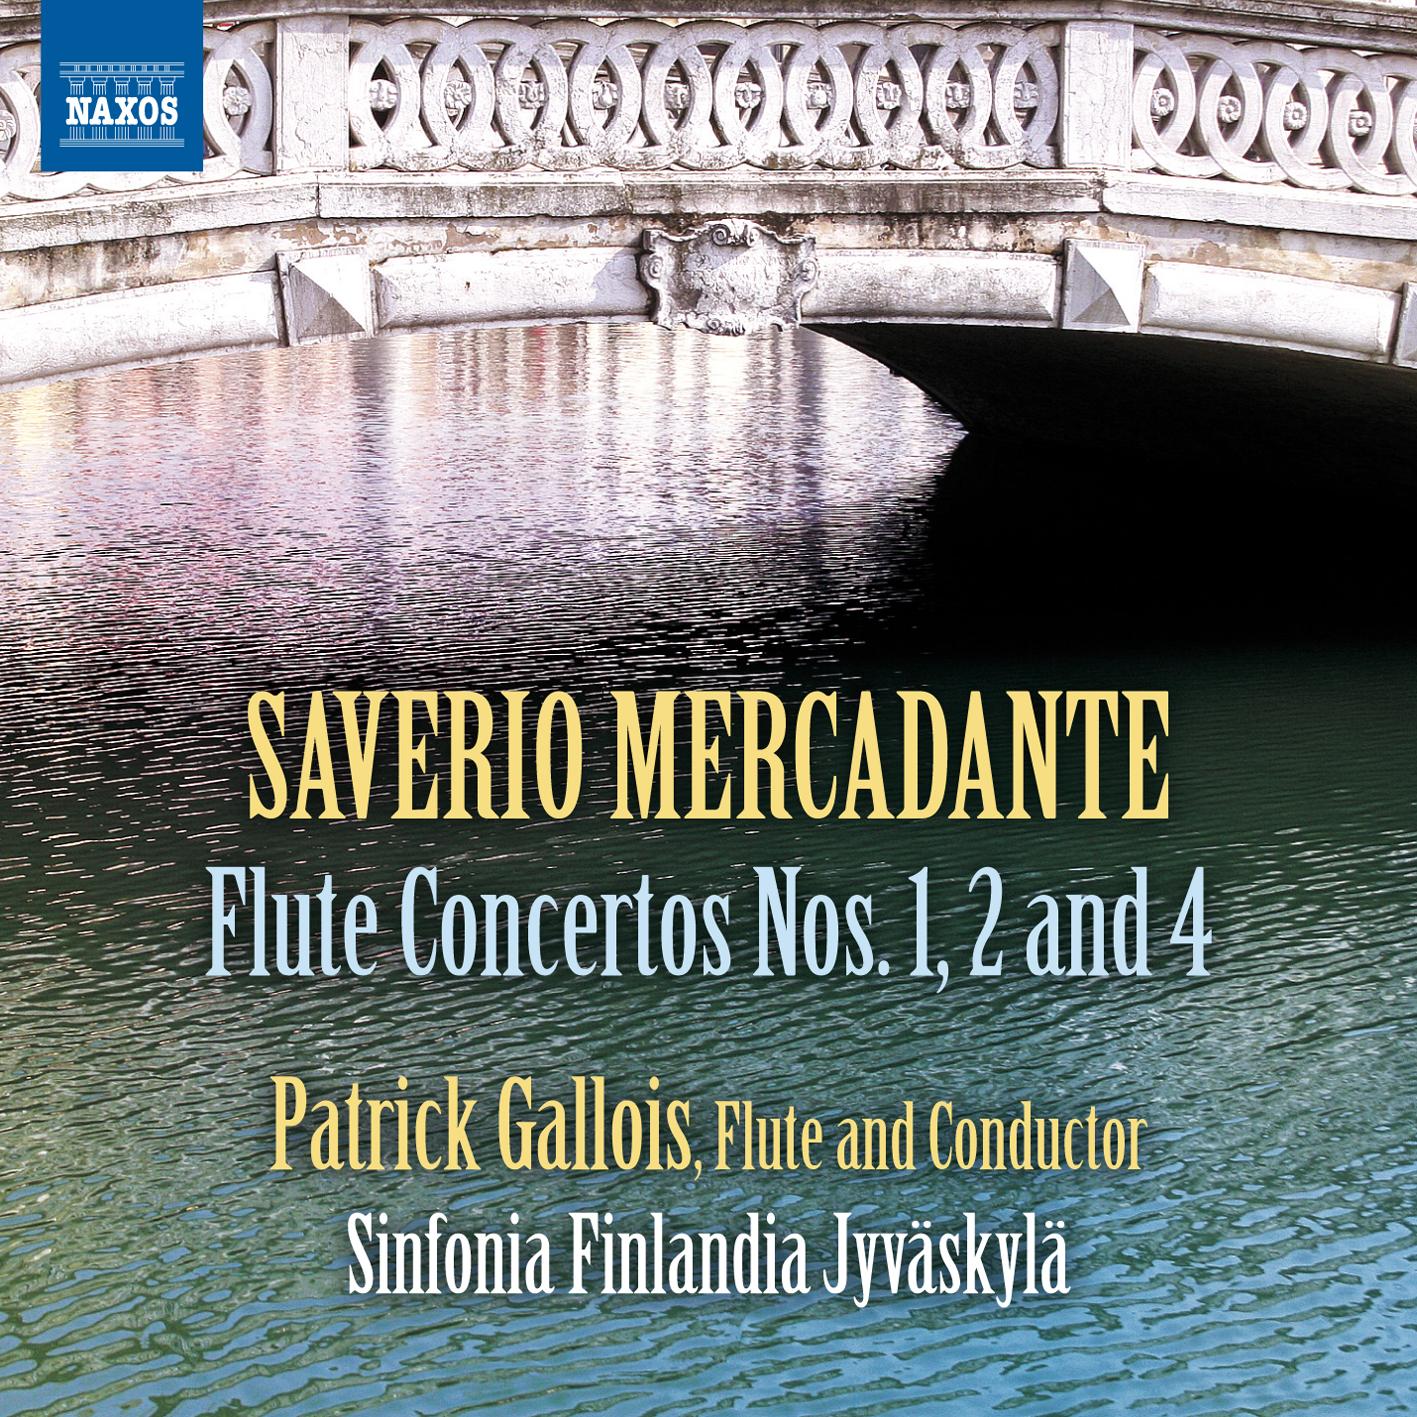 Mercadante flute concerto pdf free